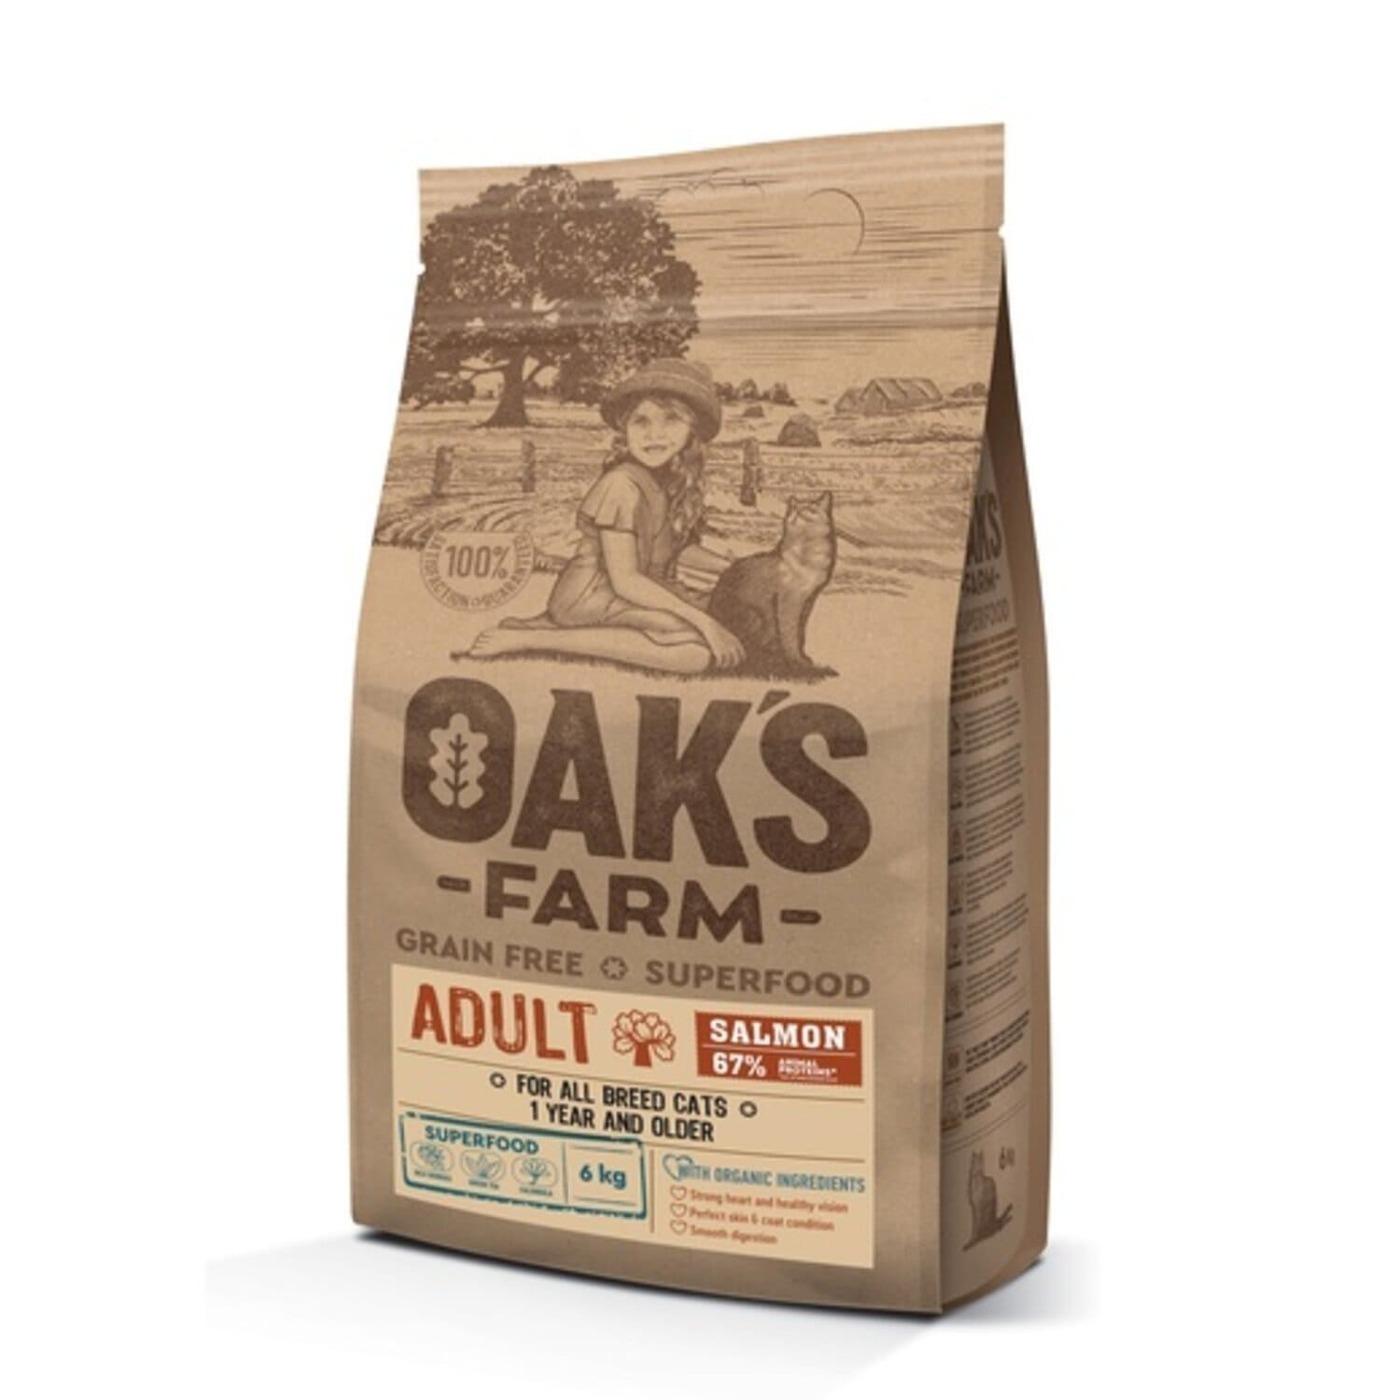 Oaks Farm GF сухой корм для кошек, лосось 6 кг